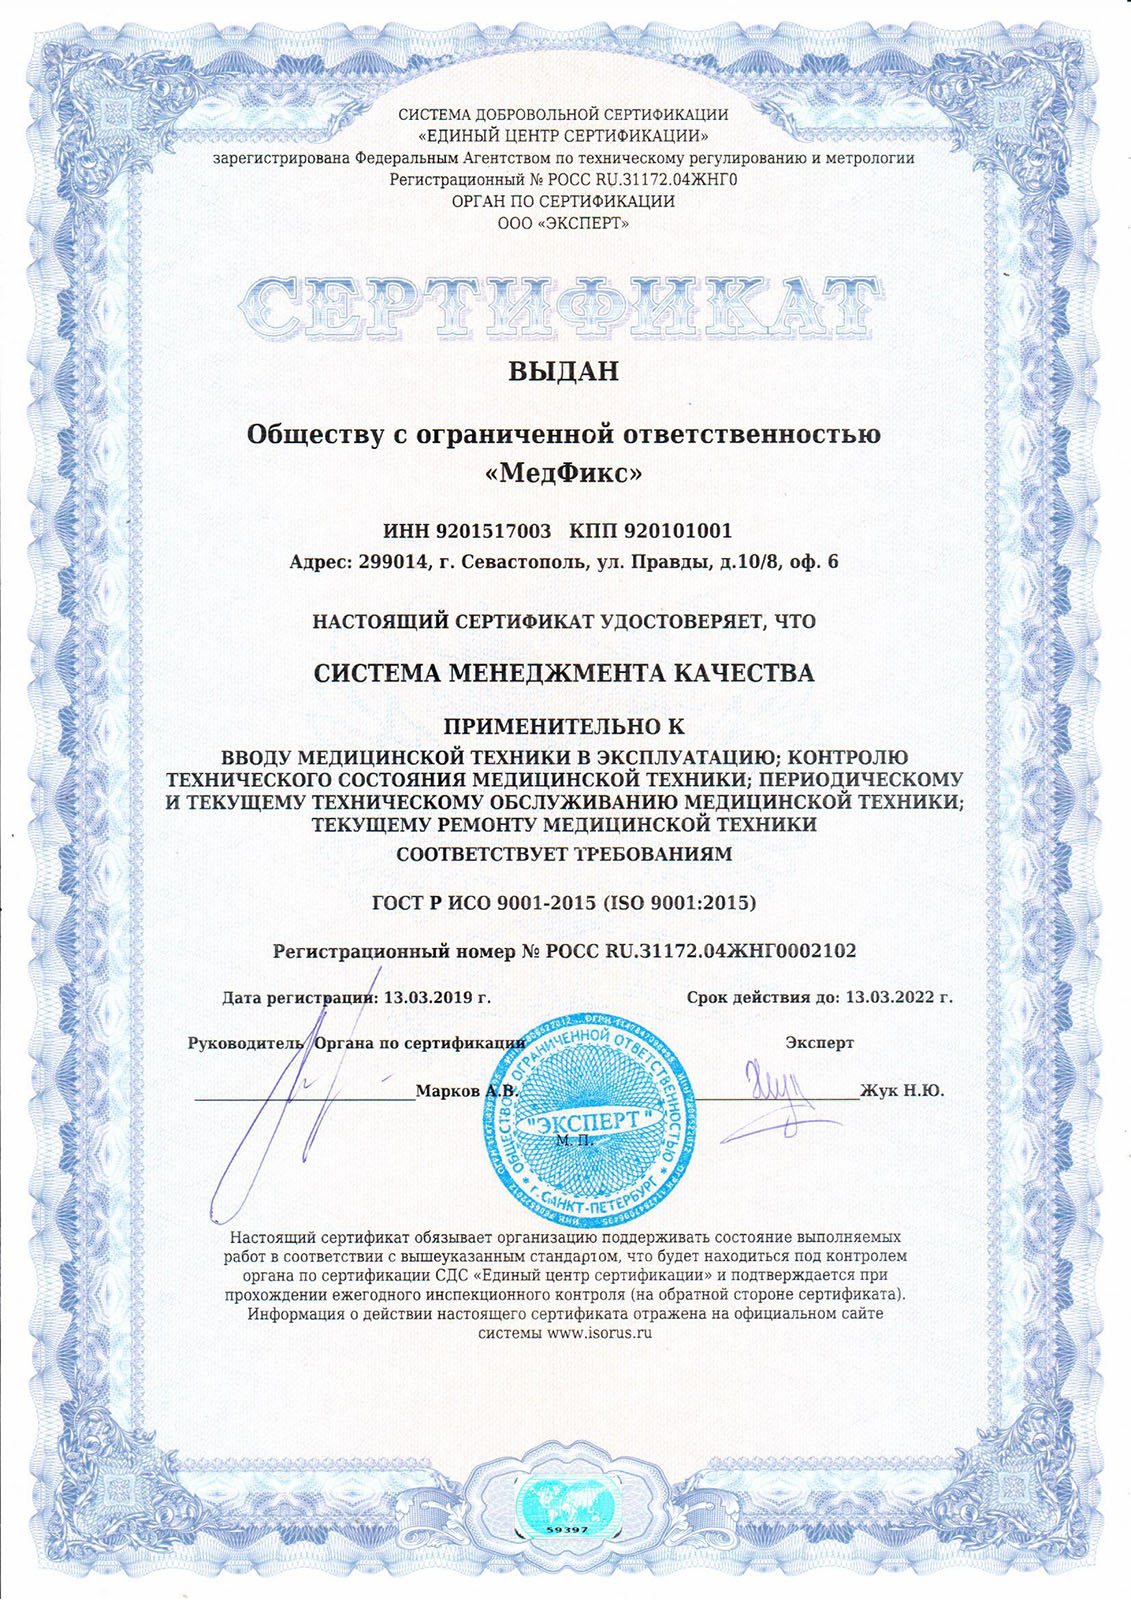 sertifikaty-zaklyucheniya - Sertifikat-sistemy-menedzhmenta-kachestva-MedFiks-13.03.2019